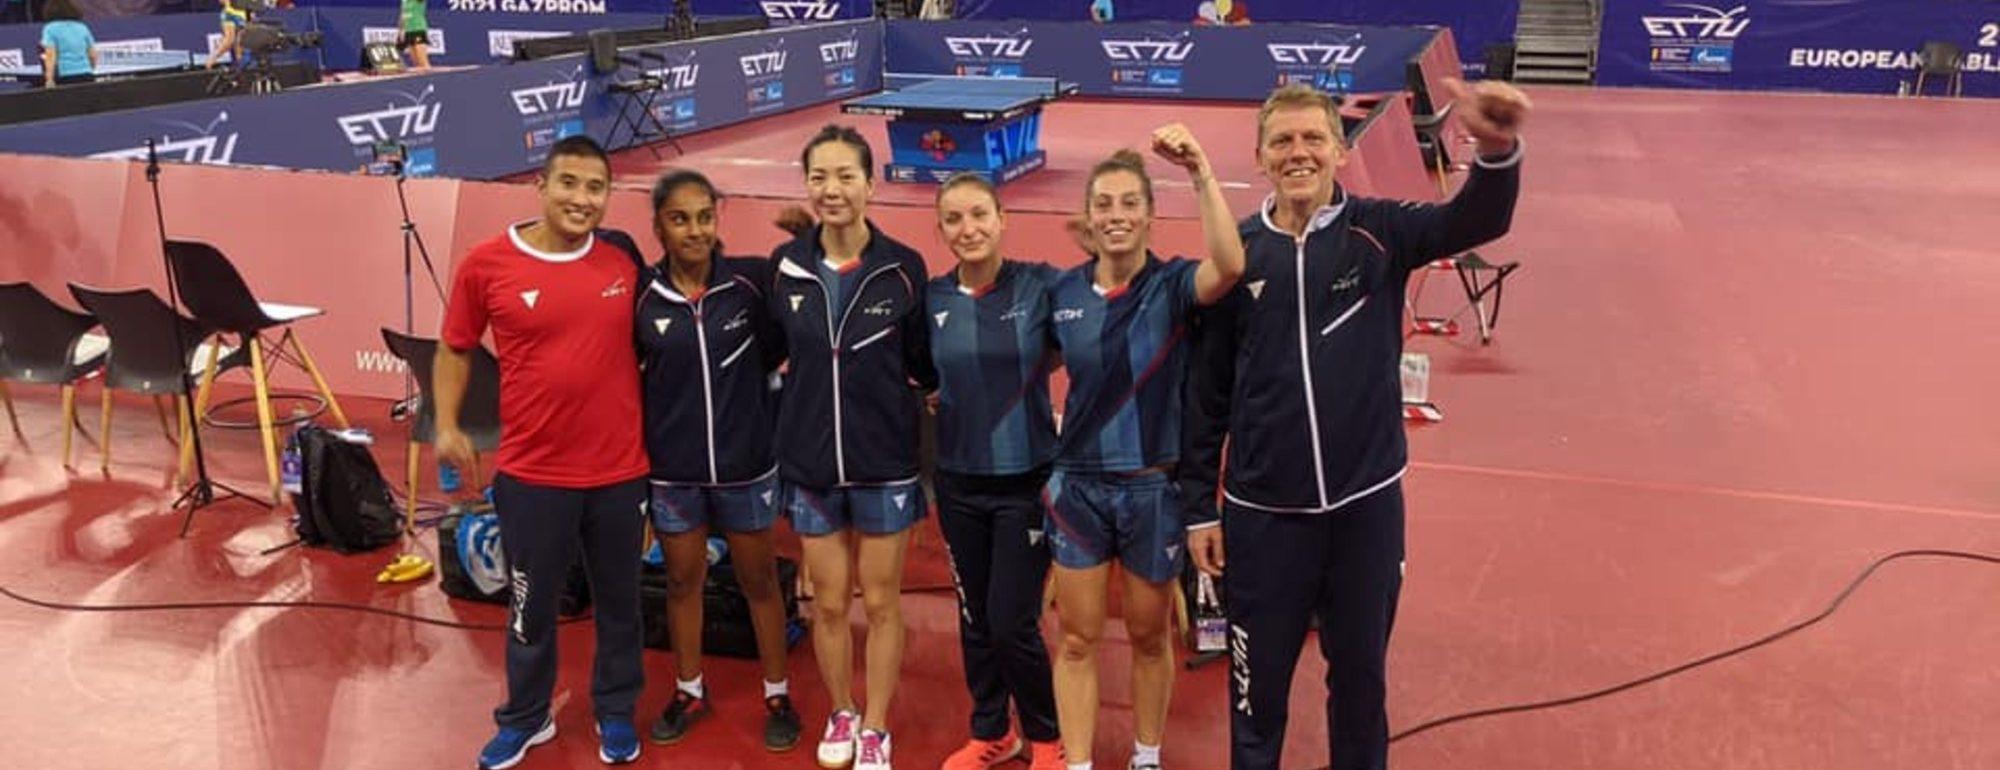 les bleues en demi-finales des championnats d'europe